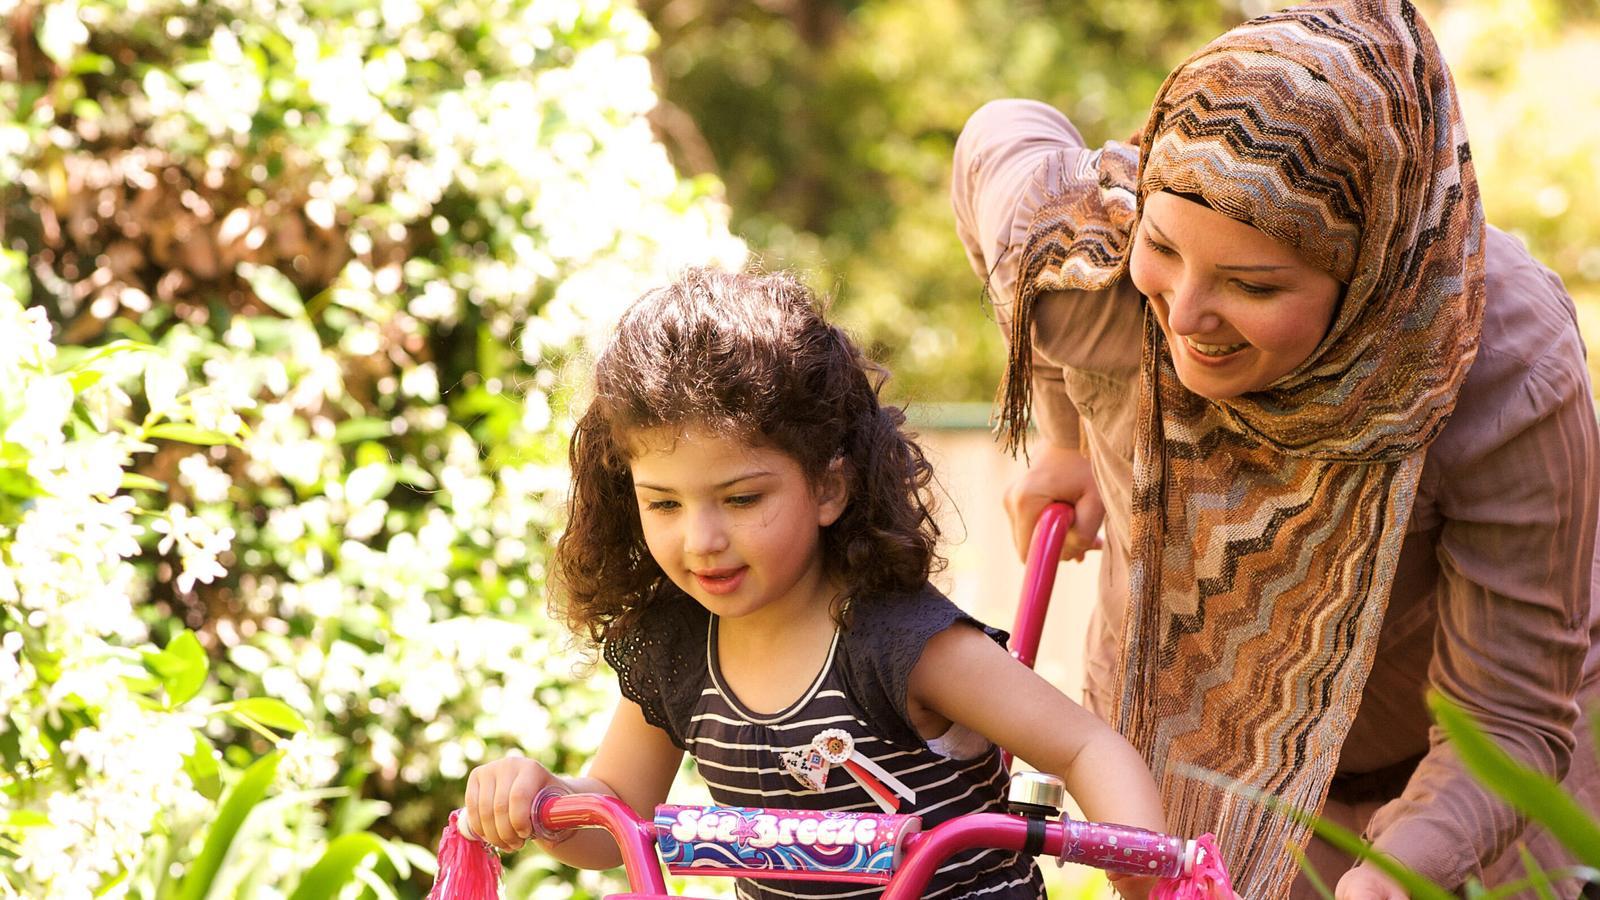 Frau hilft Mädchen beim Fahrradfahren